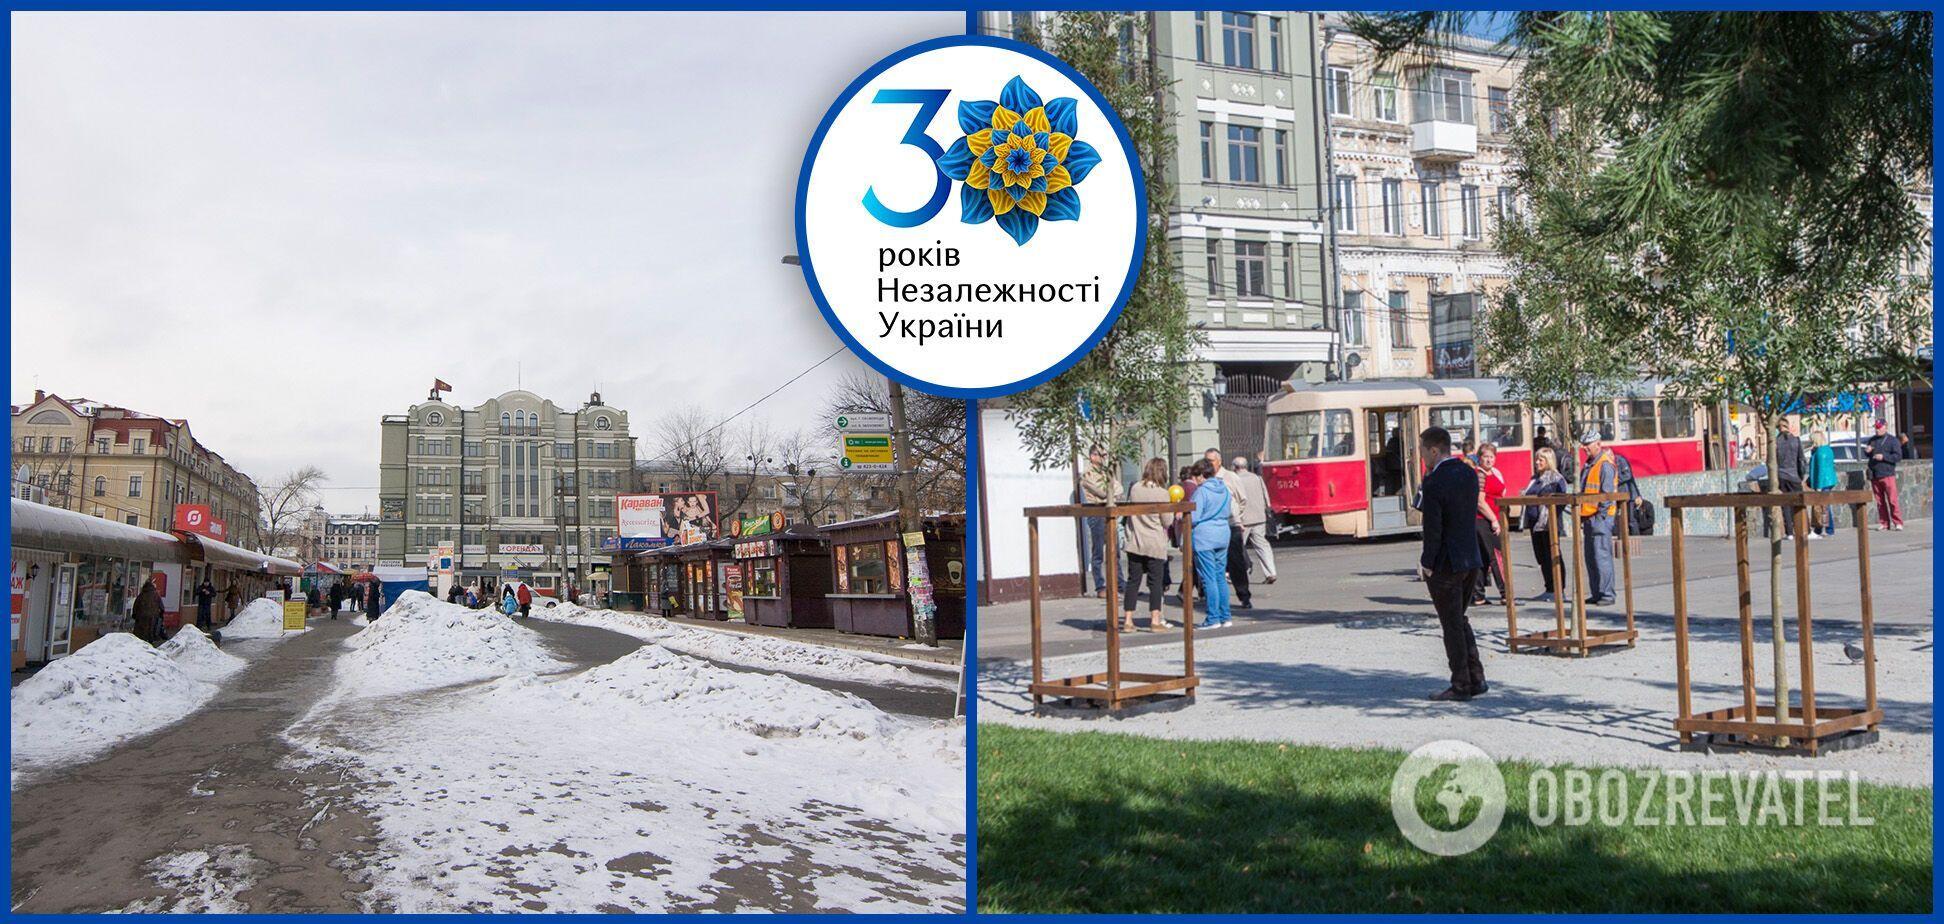 После реконструкции площадь стала просторной.